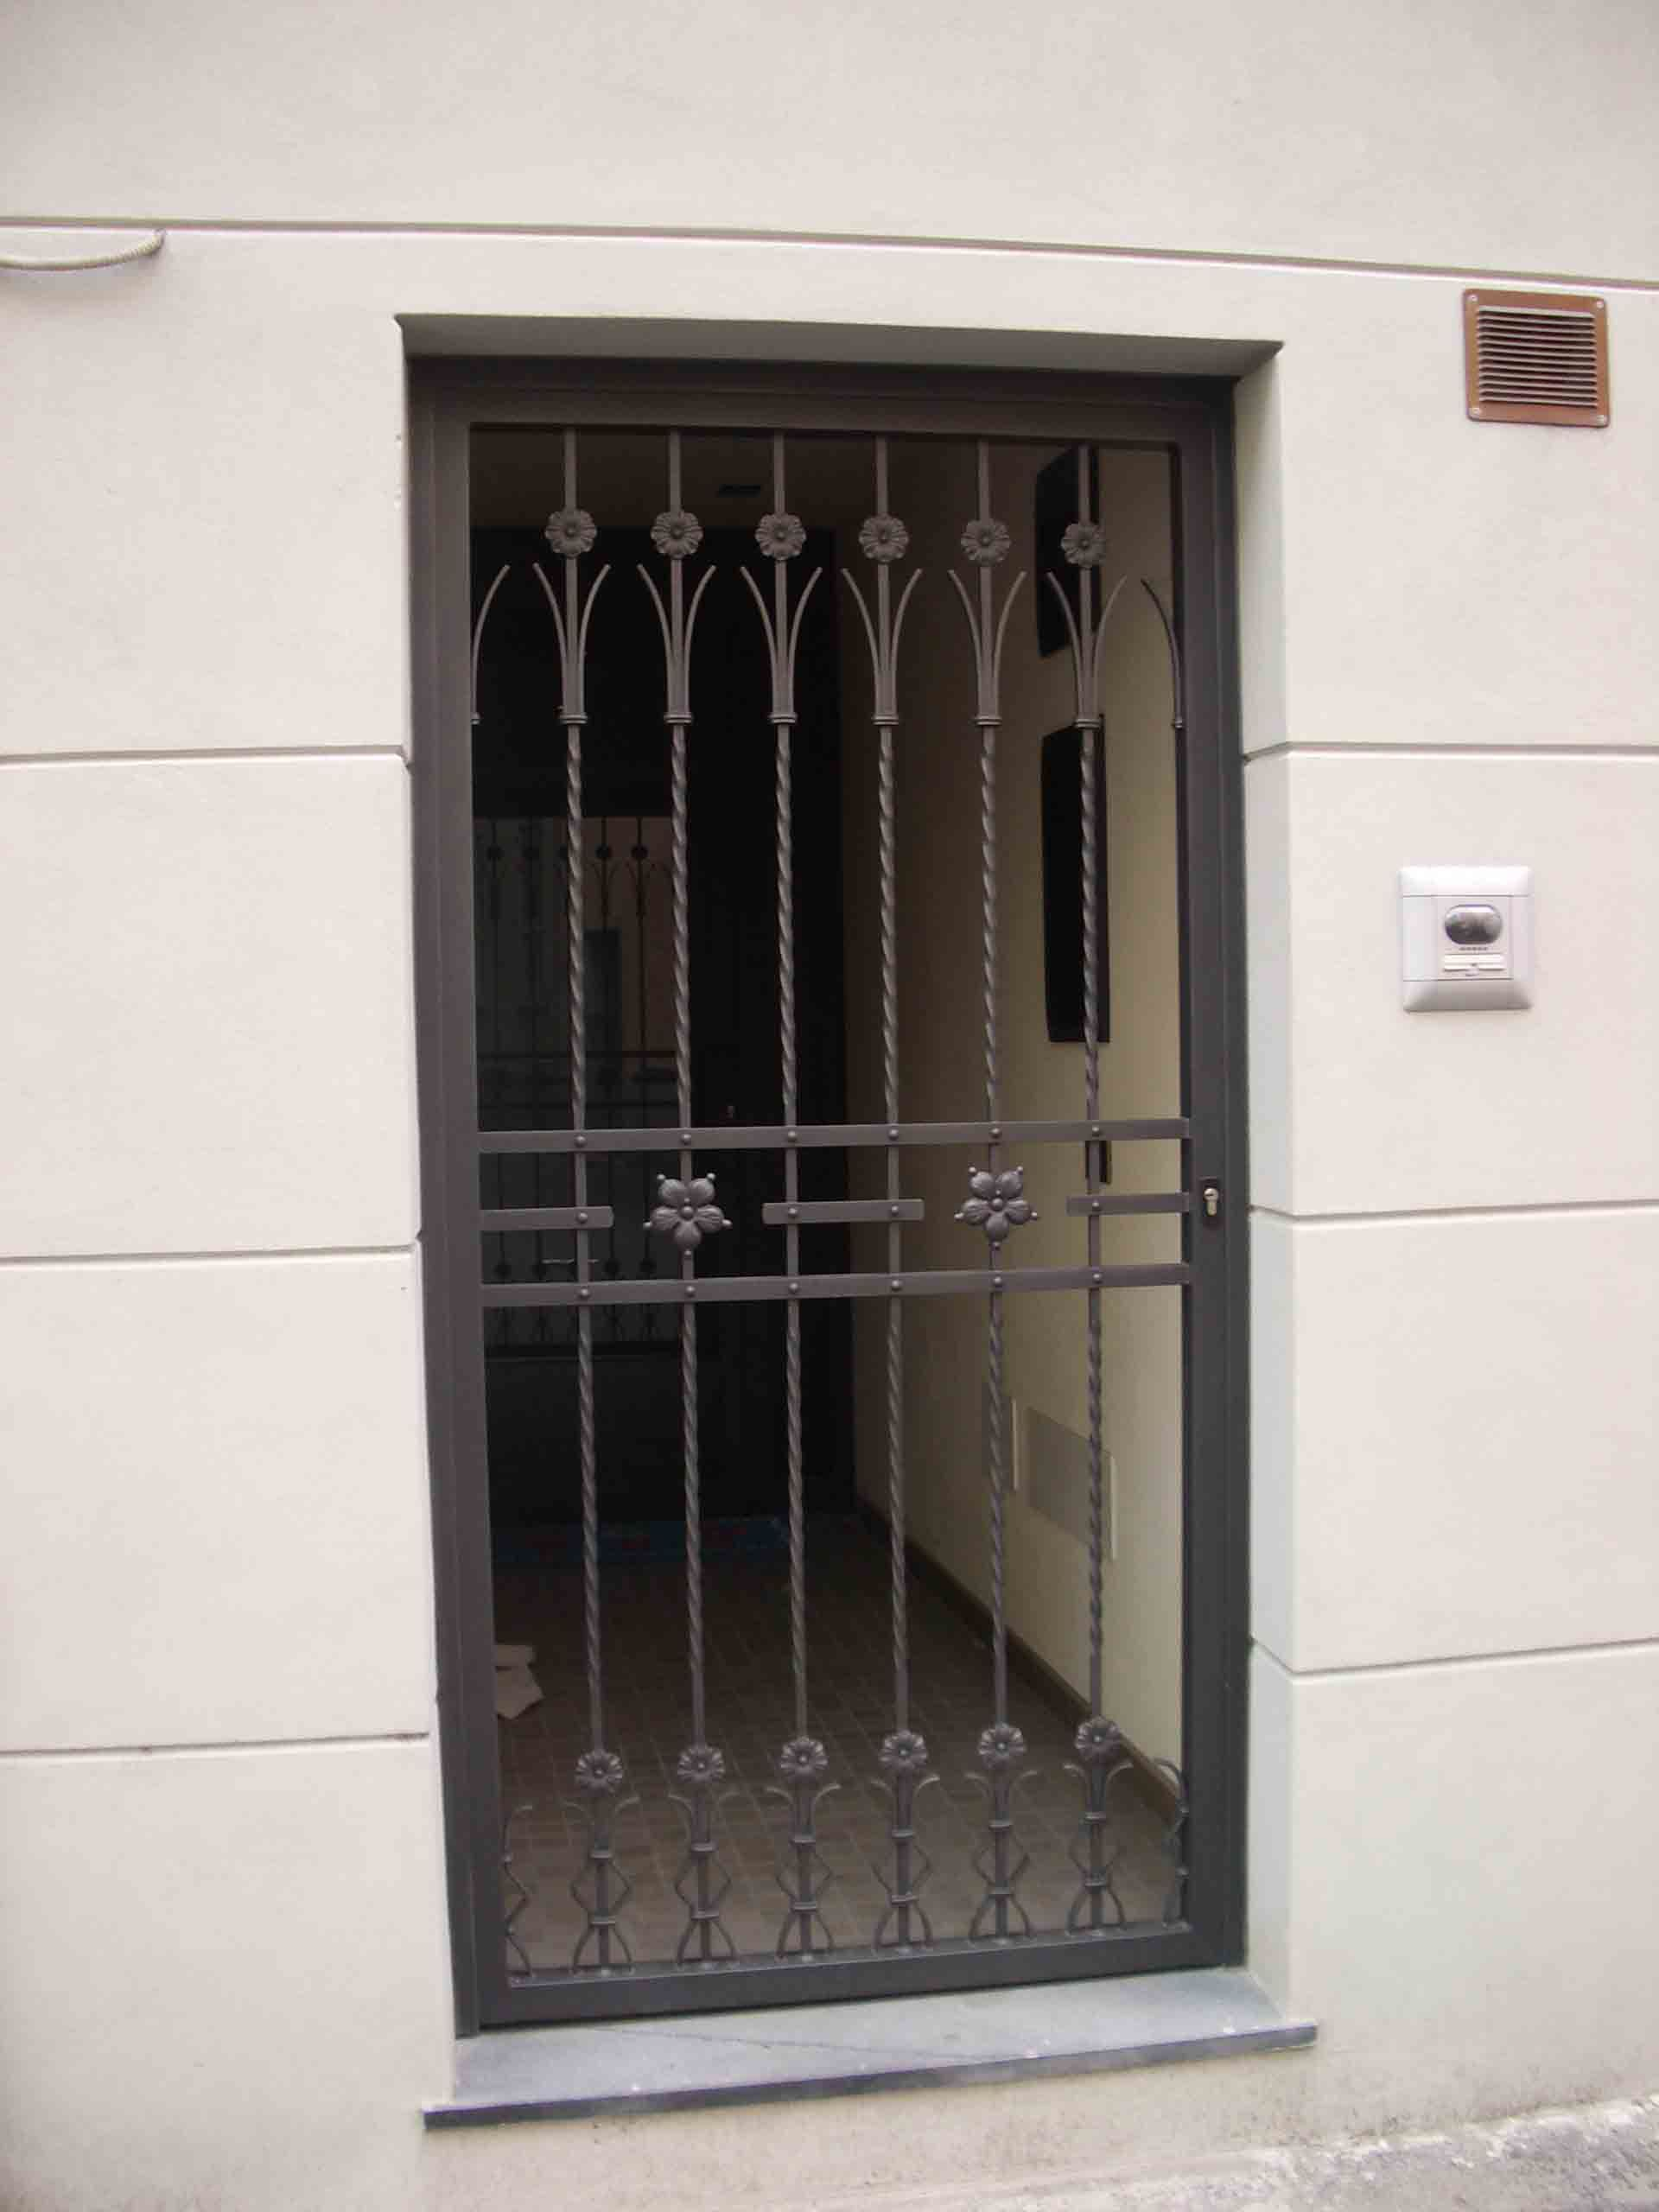 Immagine correlata porta finestre pinterest - Cancello porta ingresso ...